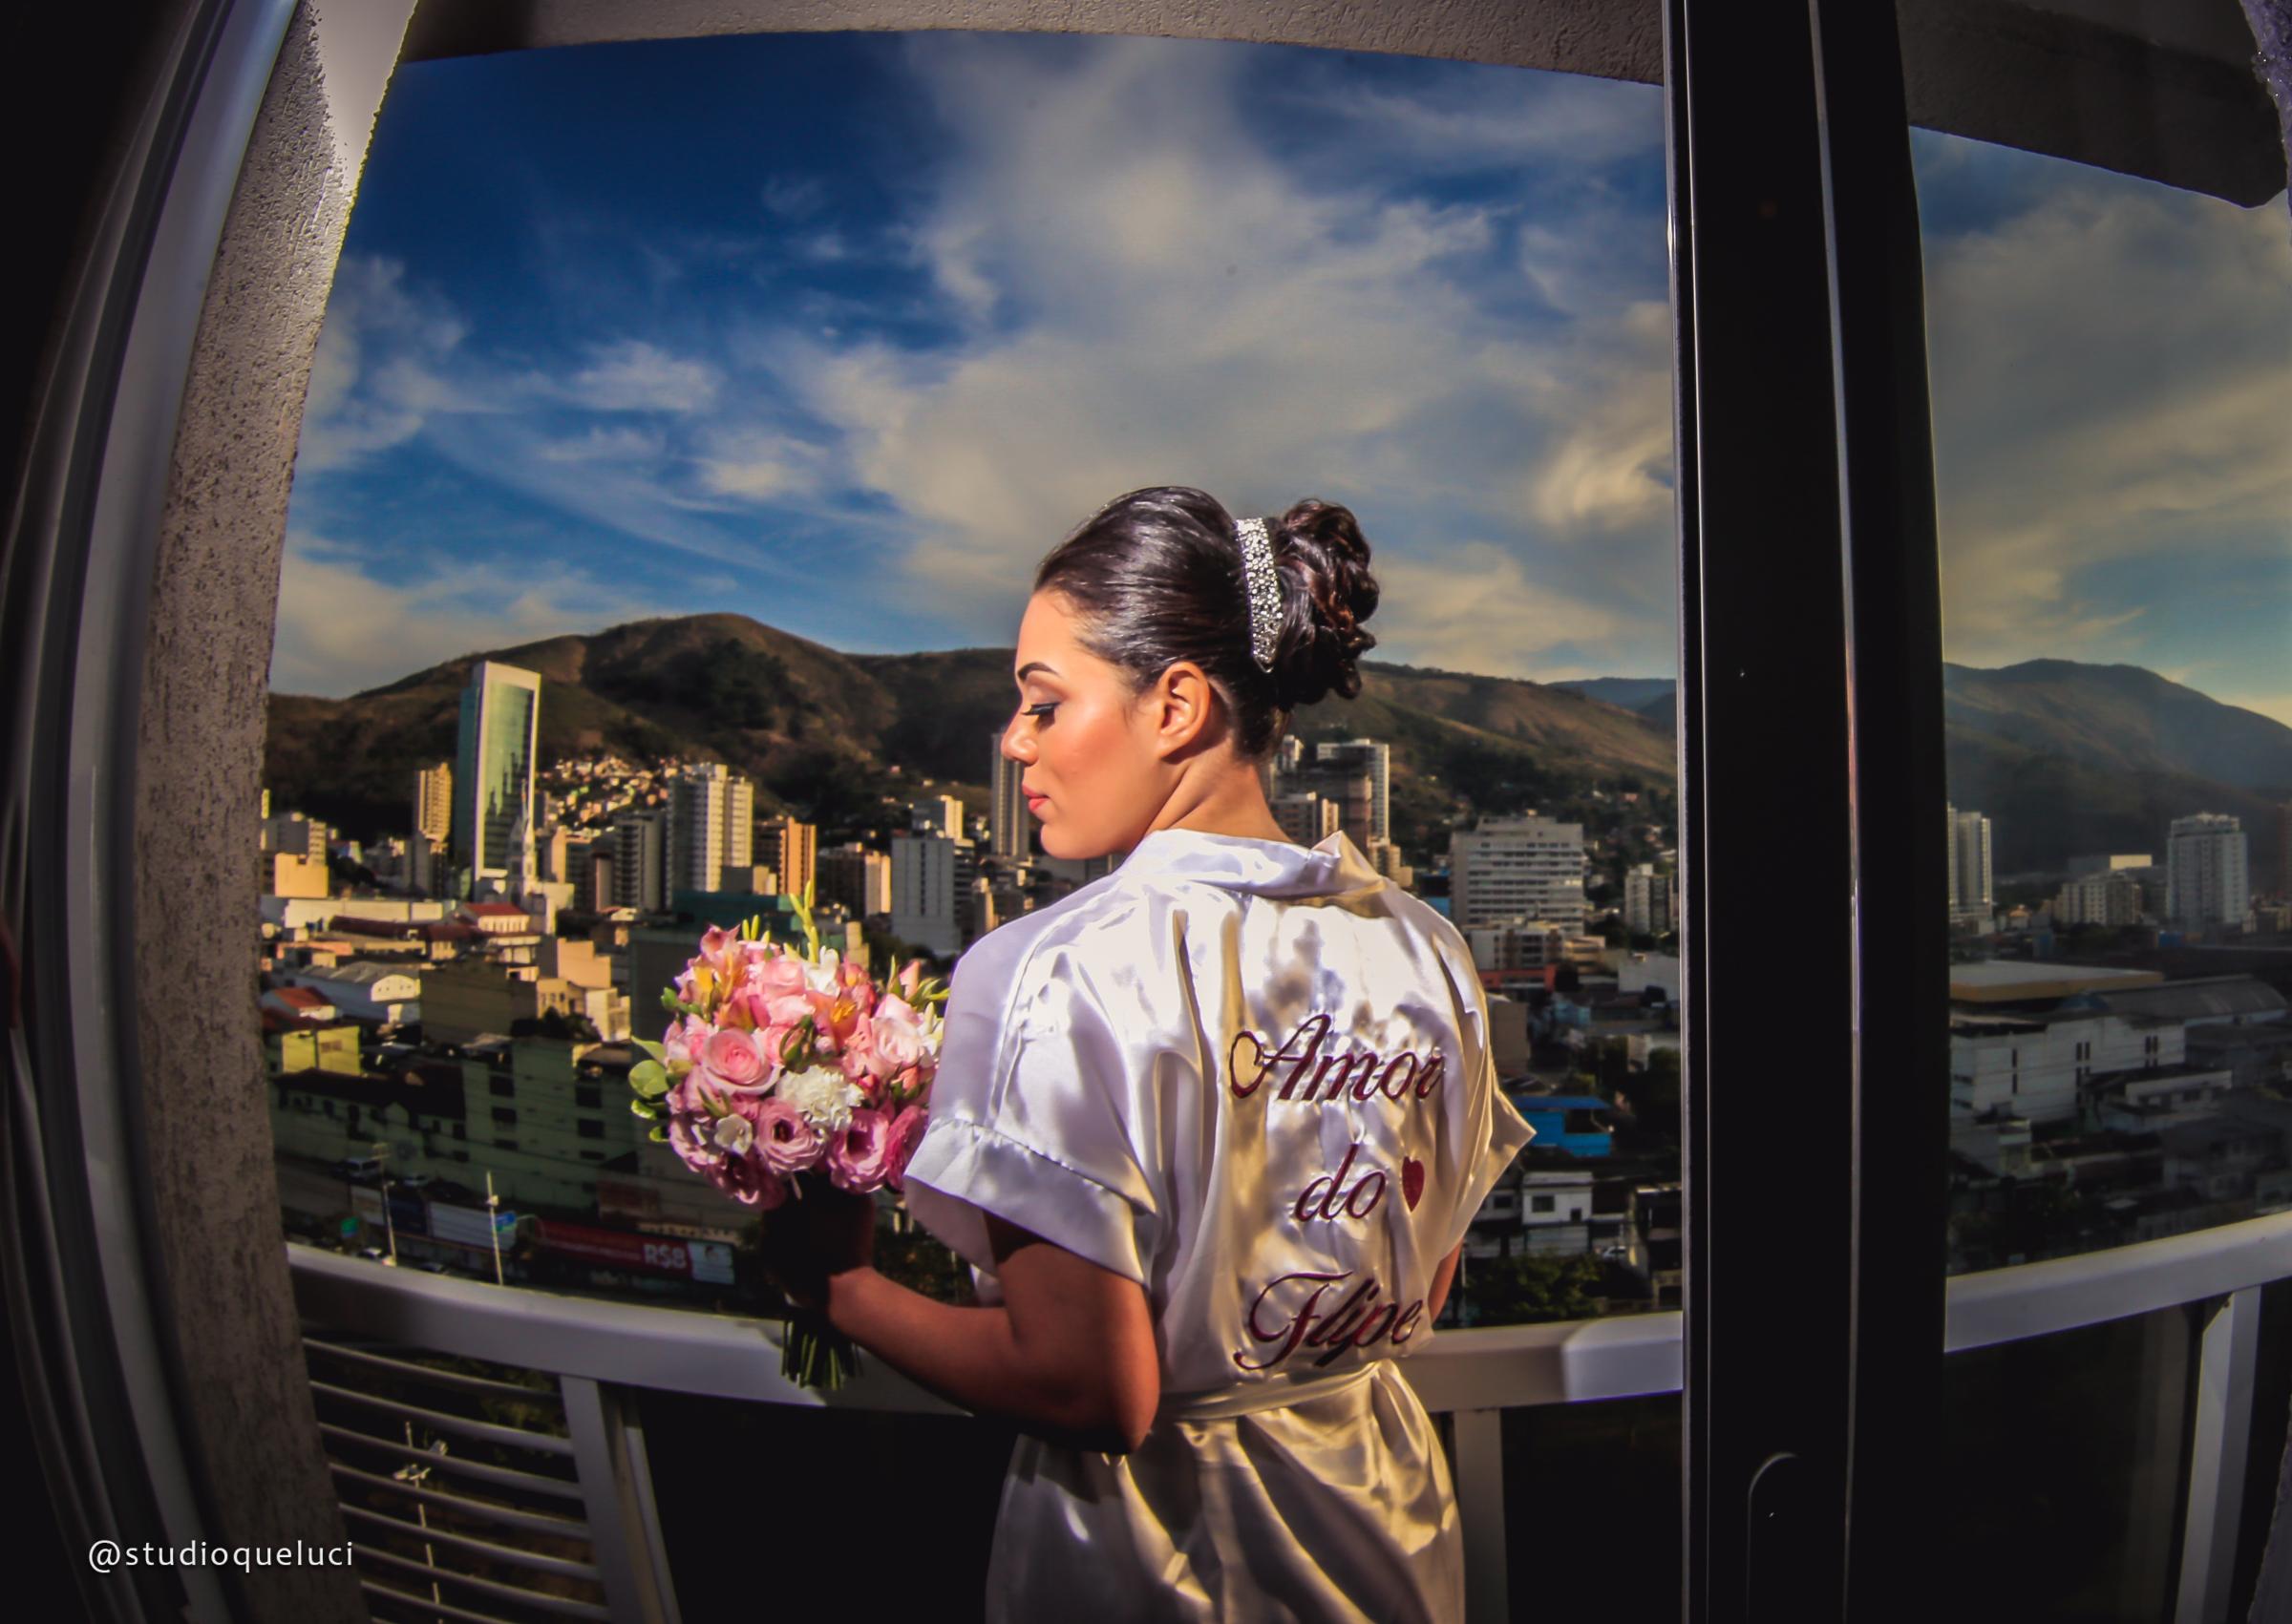 fotografo de casamento rio de janeiro (4)